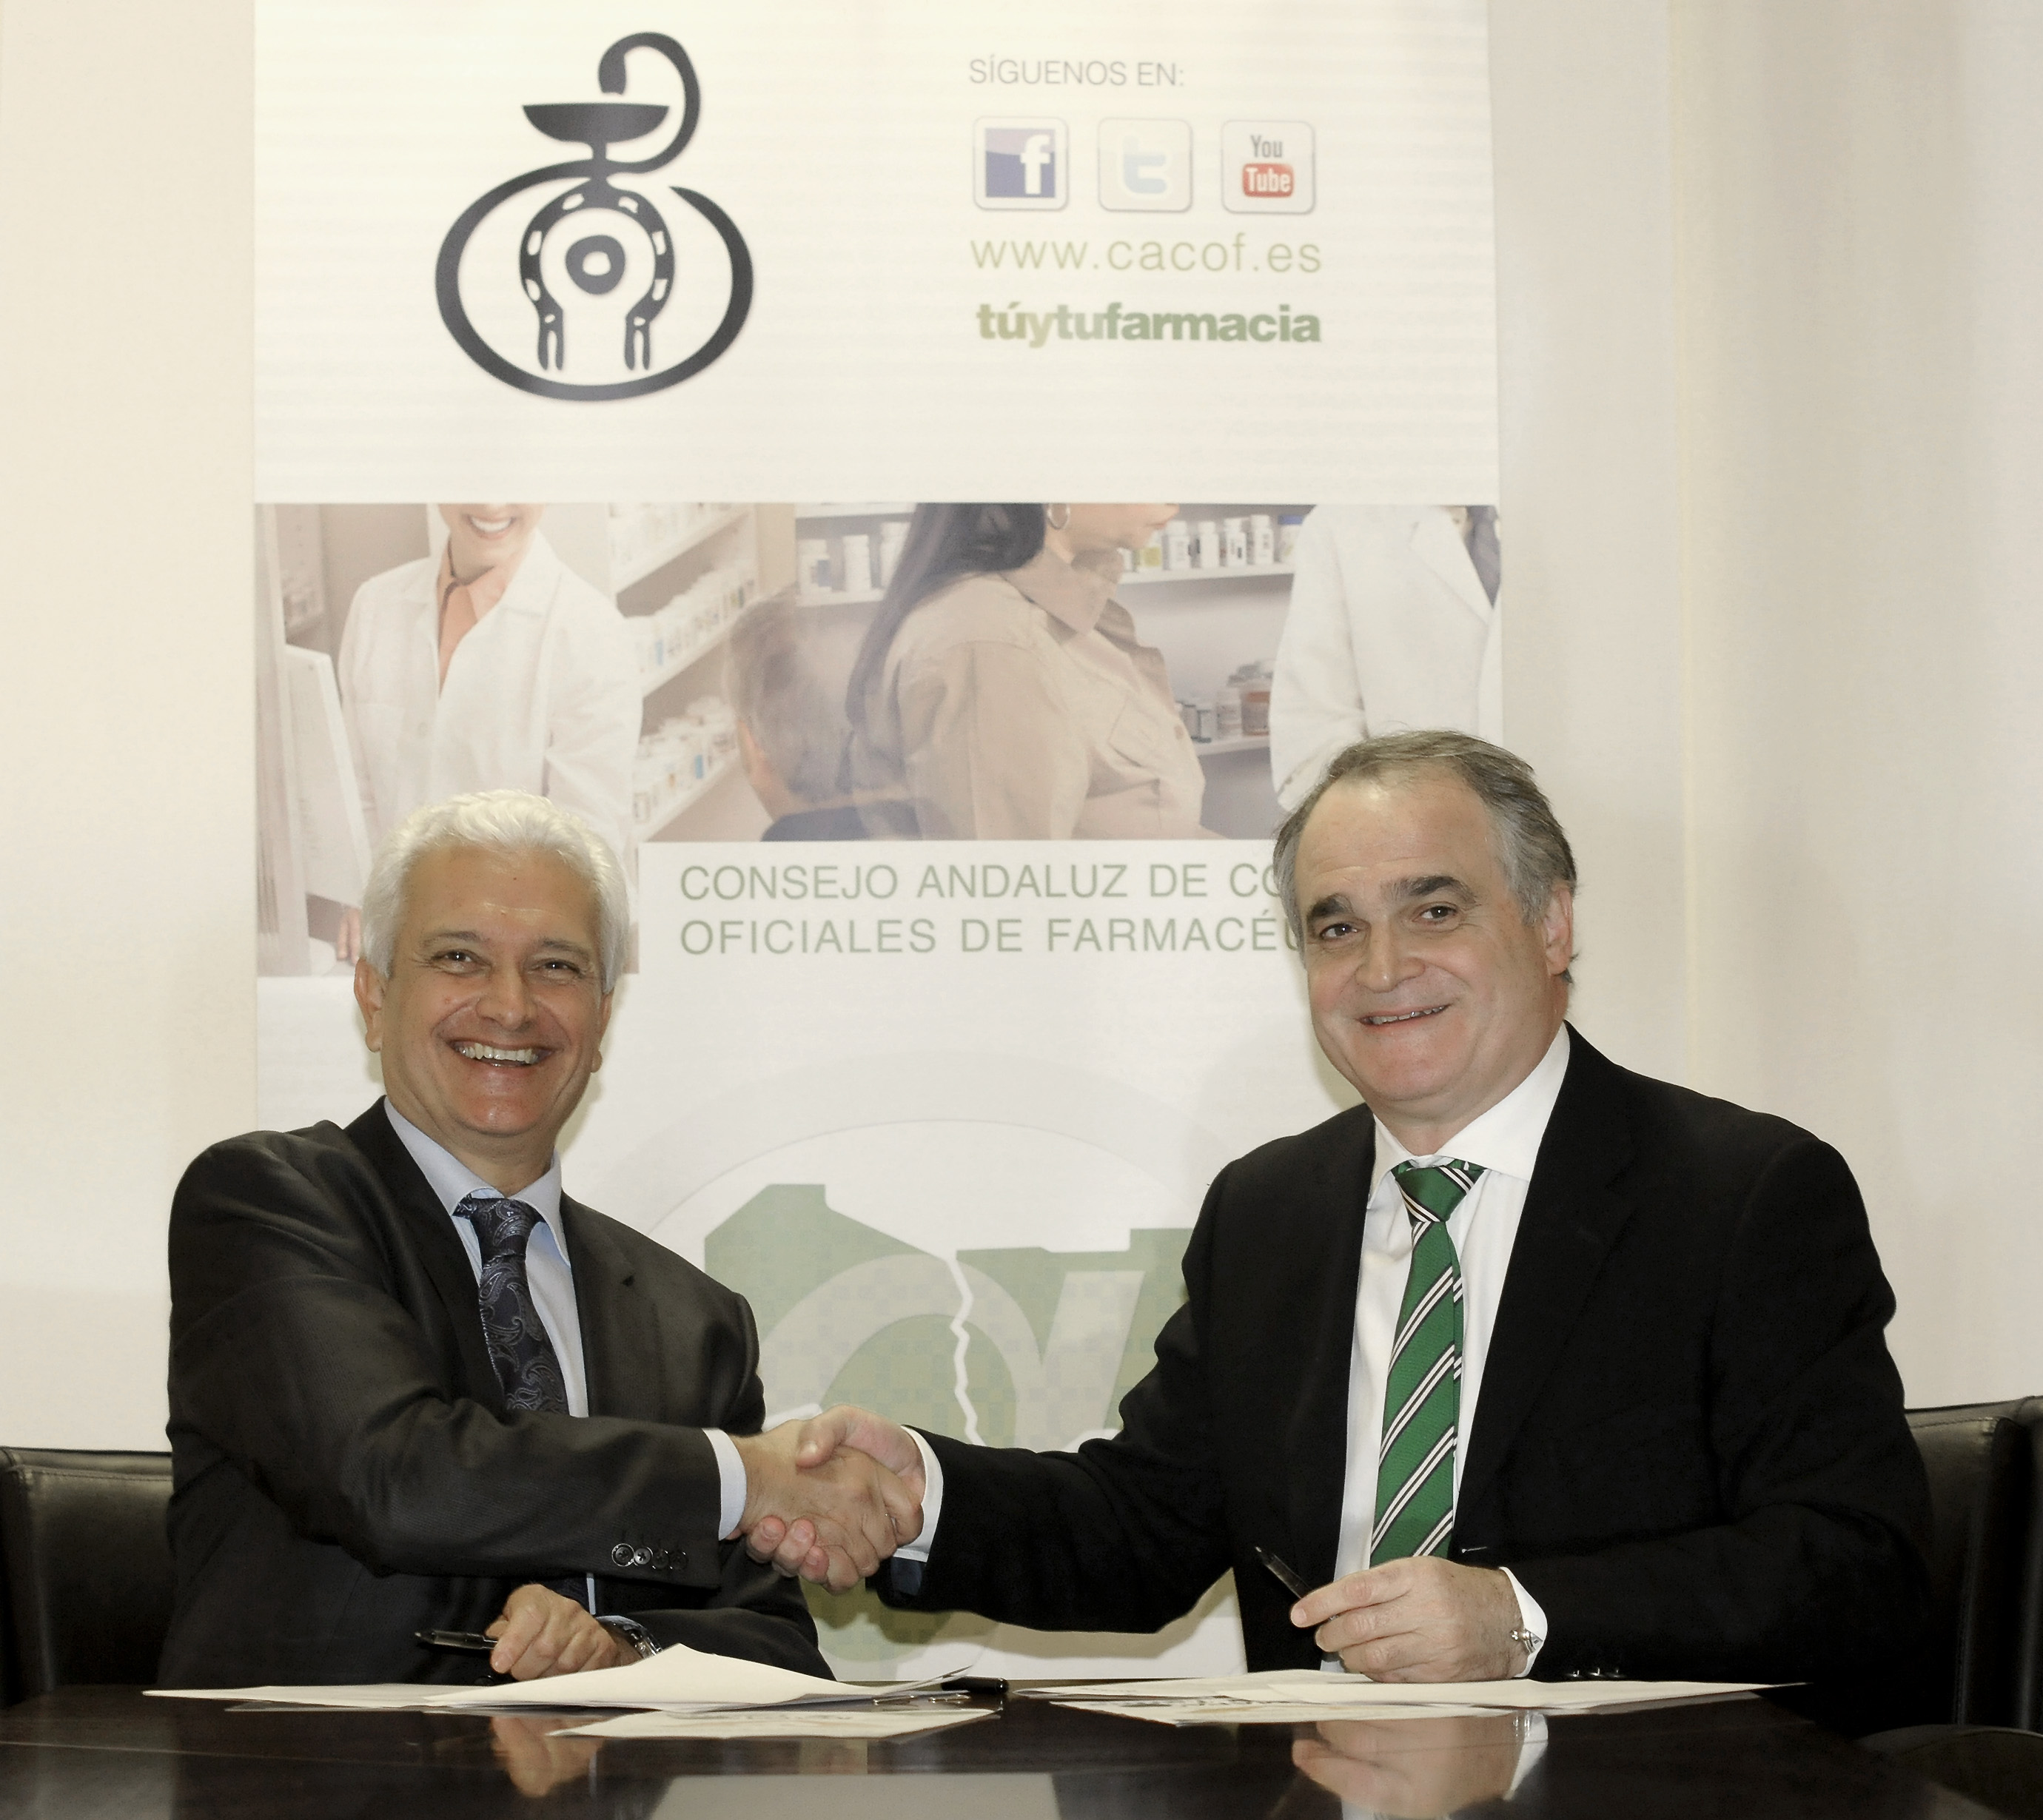 Esteve y el Consejo Andaluz de Colegios de Farmacéuticos colaboran en el pilotaje del proyecto MAPAfarma, iniciado en 33 farmacias andaluzas